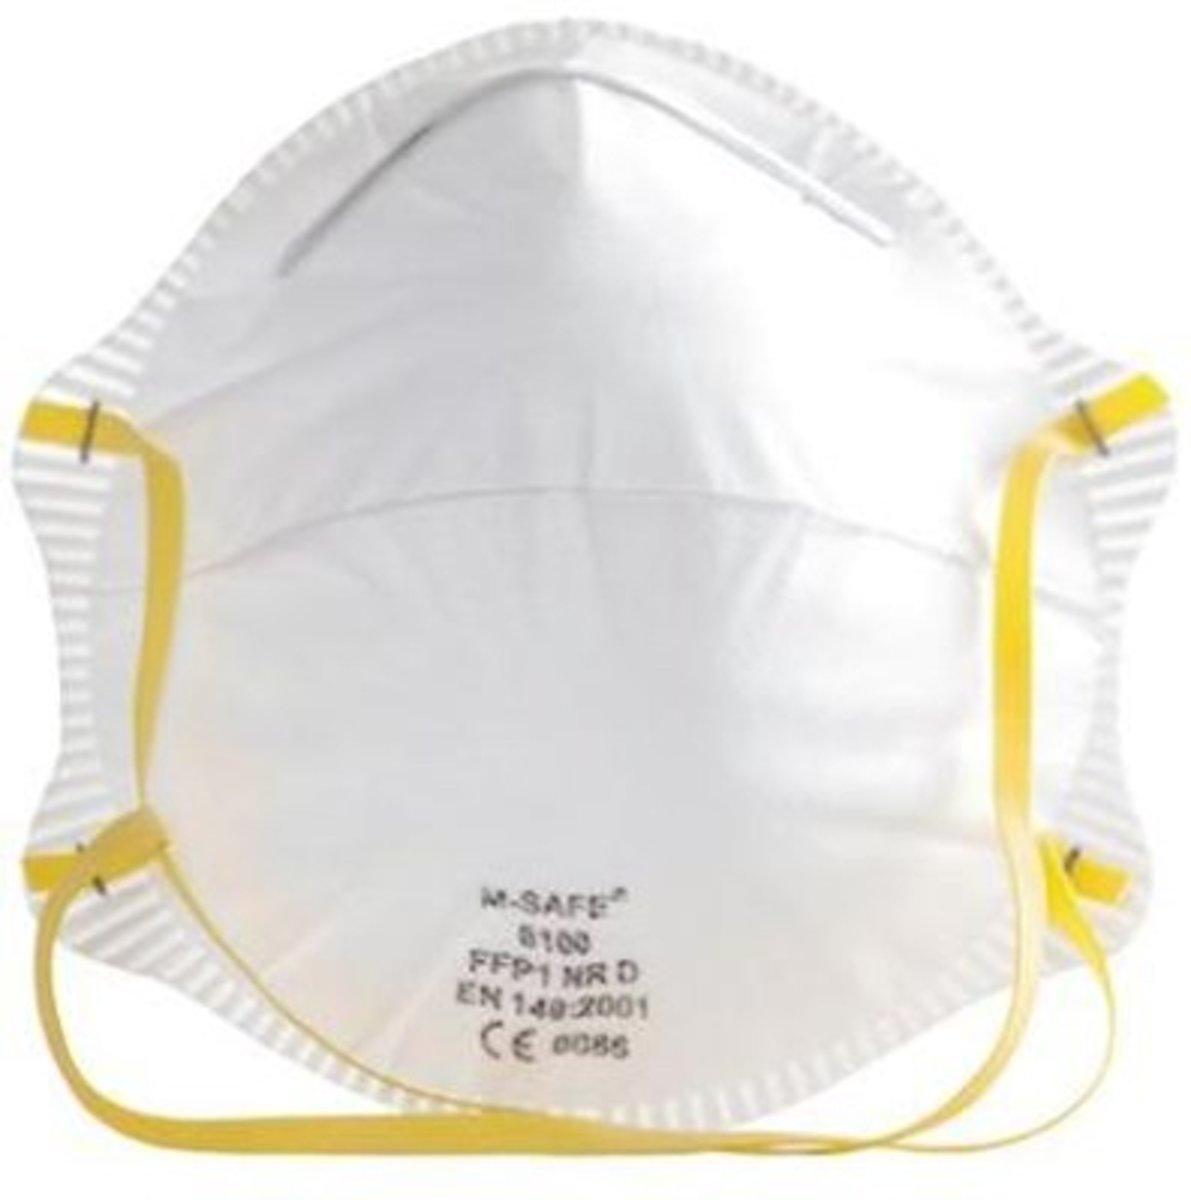 M-Safe 6100 stofmasker FFP1 NR D kopen